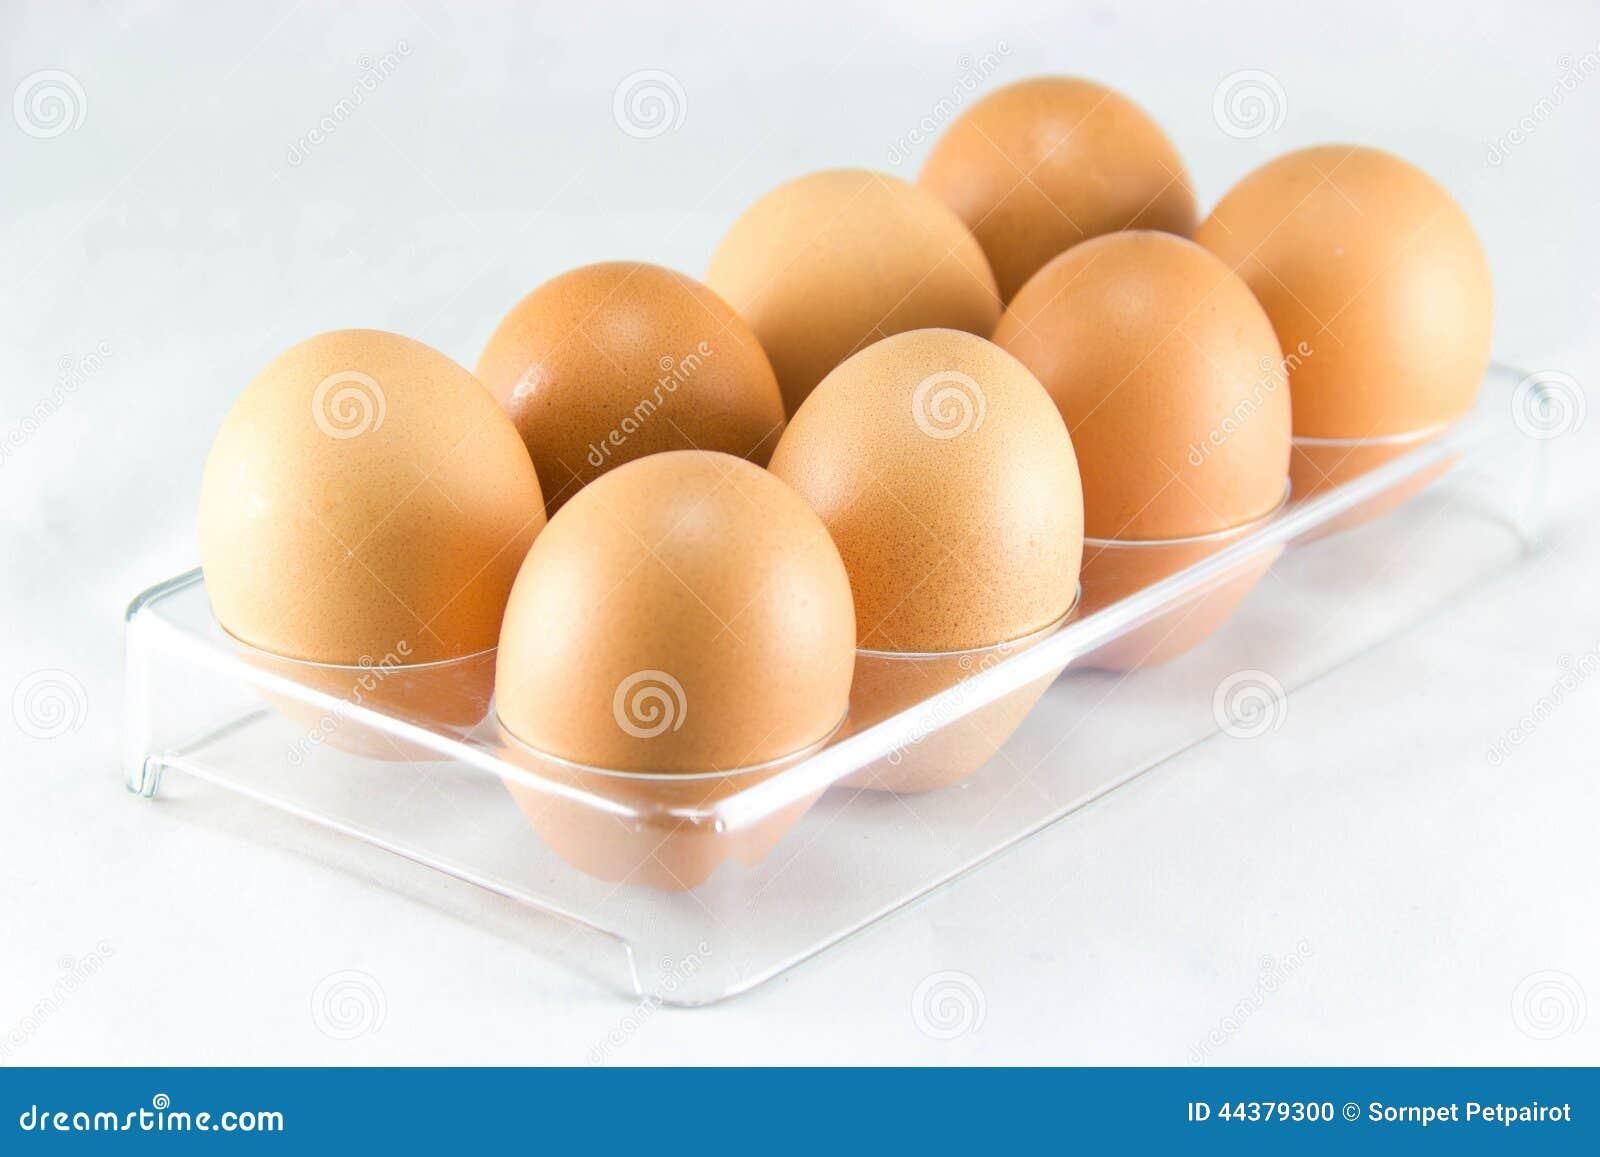 Medias docenas de huevos en la bandeja del huevo foto de for Bandejas para huevos